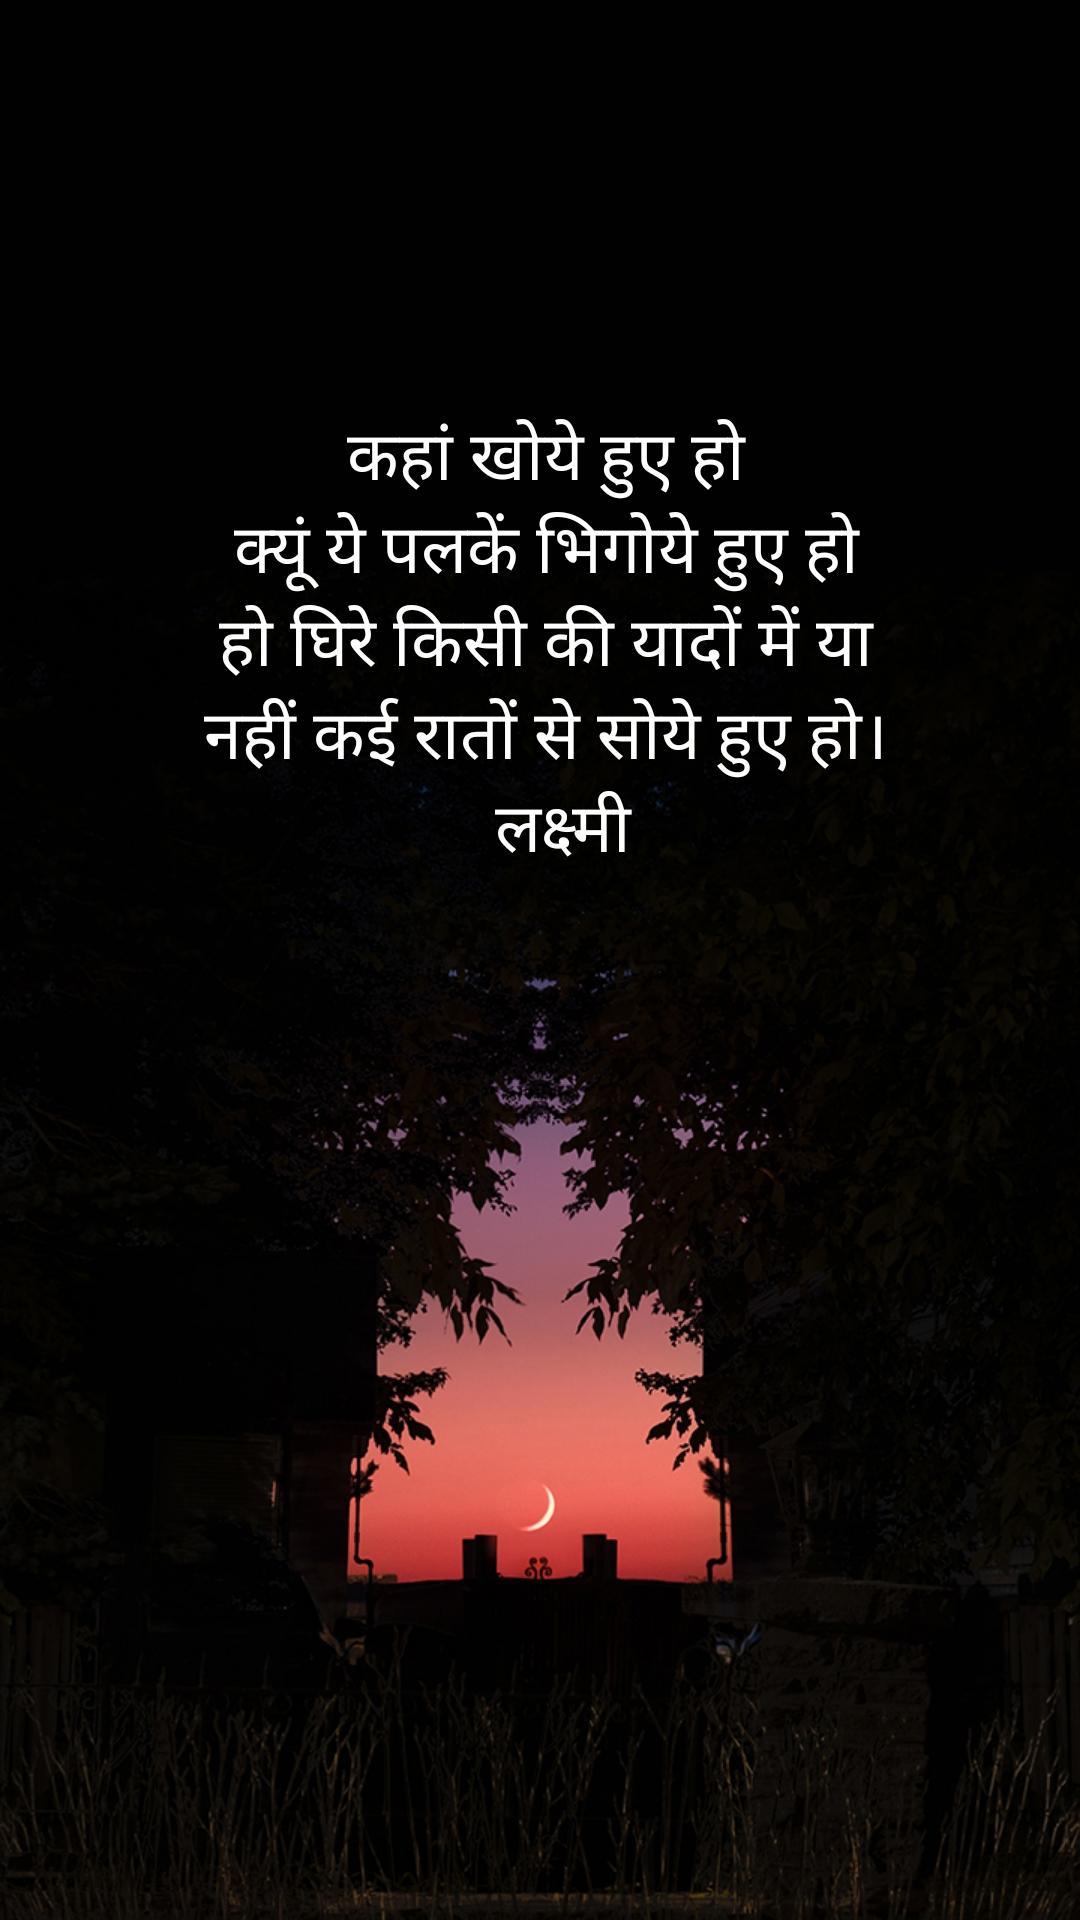 कहां खोये हुए हो क्यूं ये पलकें भिगोये हुए हो हो घिरे किसी की यादों में या नहीं कई रातों से सोये हुए हो।   लक्ष्मी